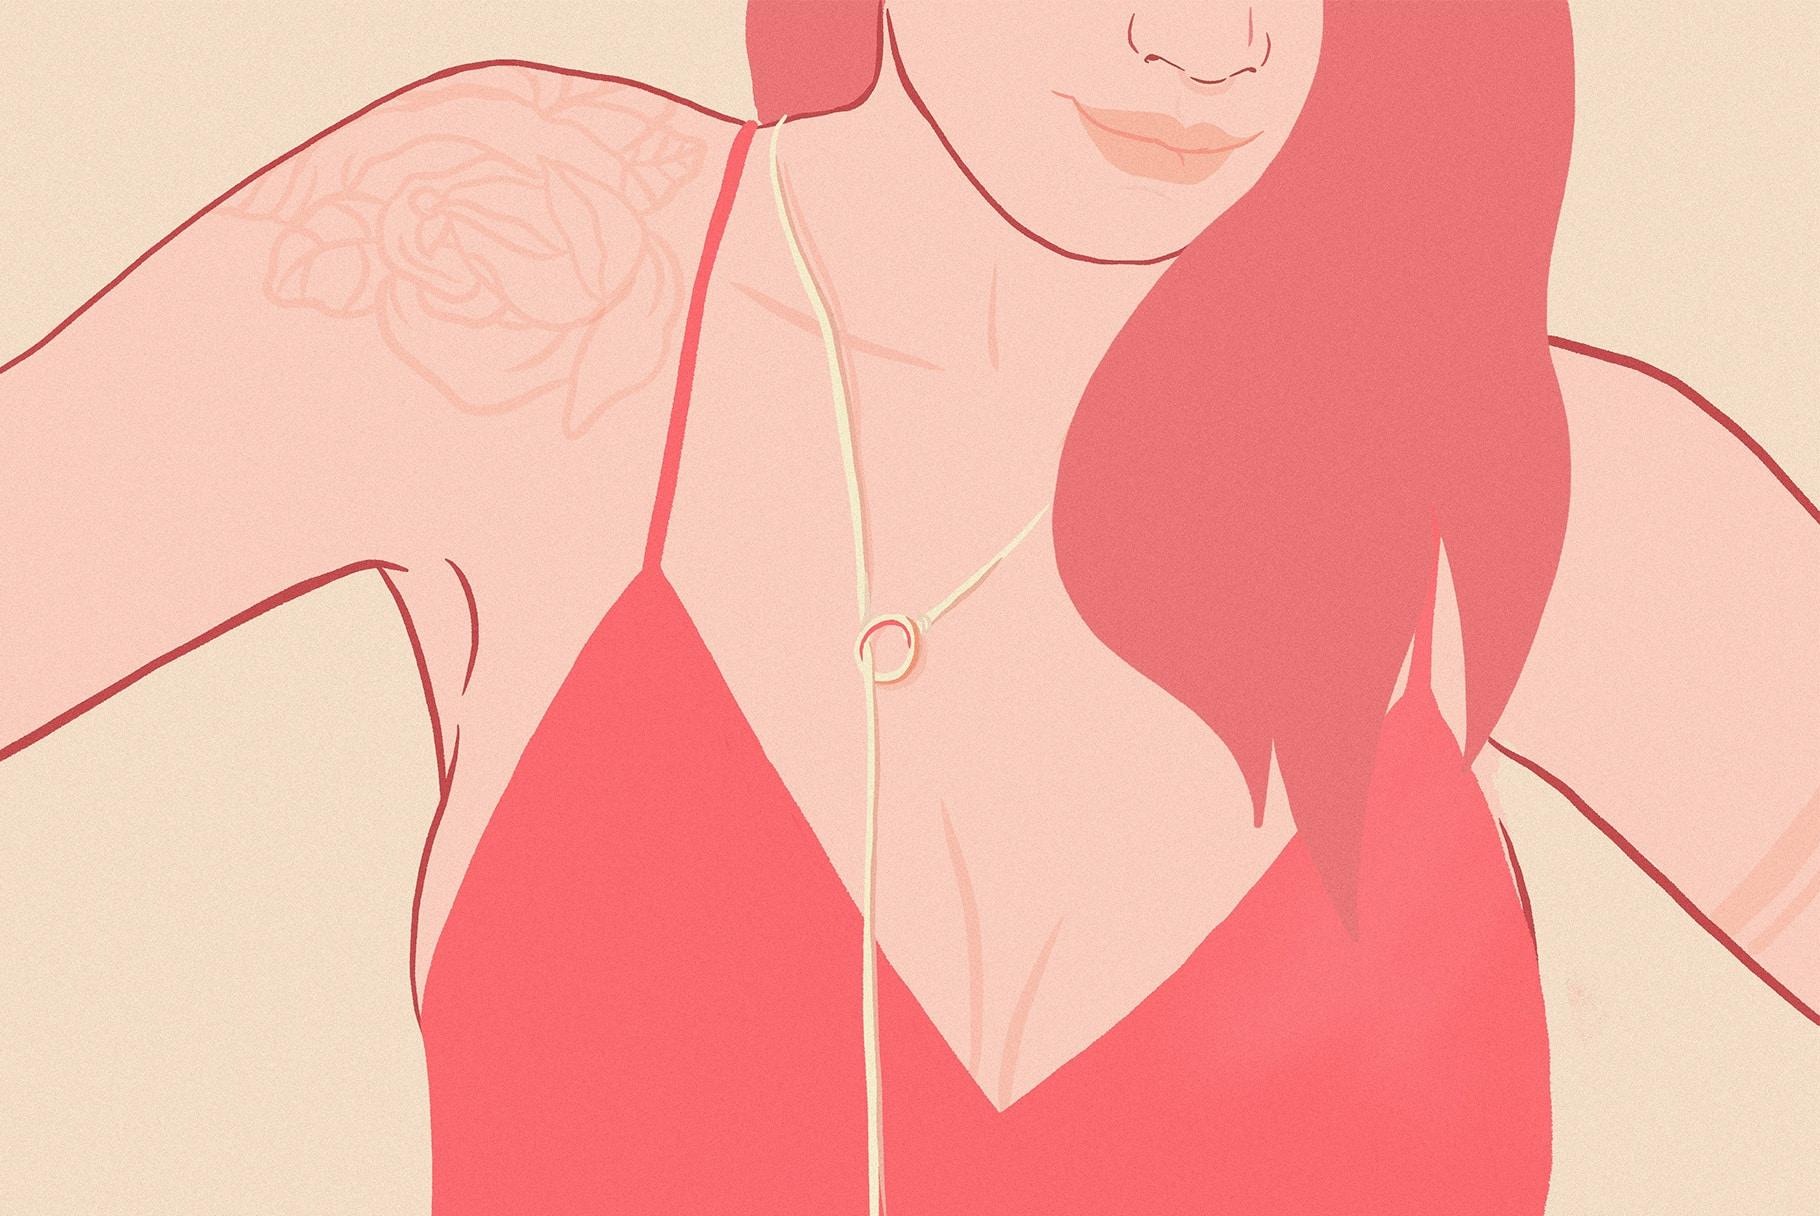 Biżuteria erotyczna, dodatki, uprzęże i ozdoby do ciała | Poradnik